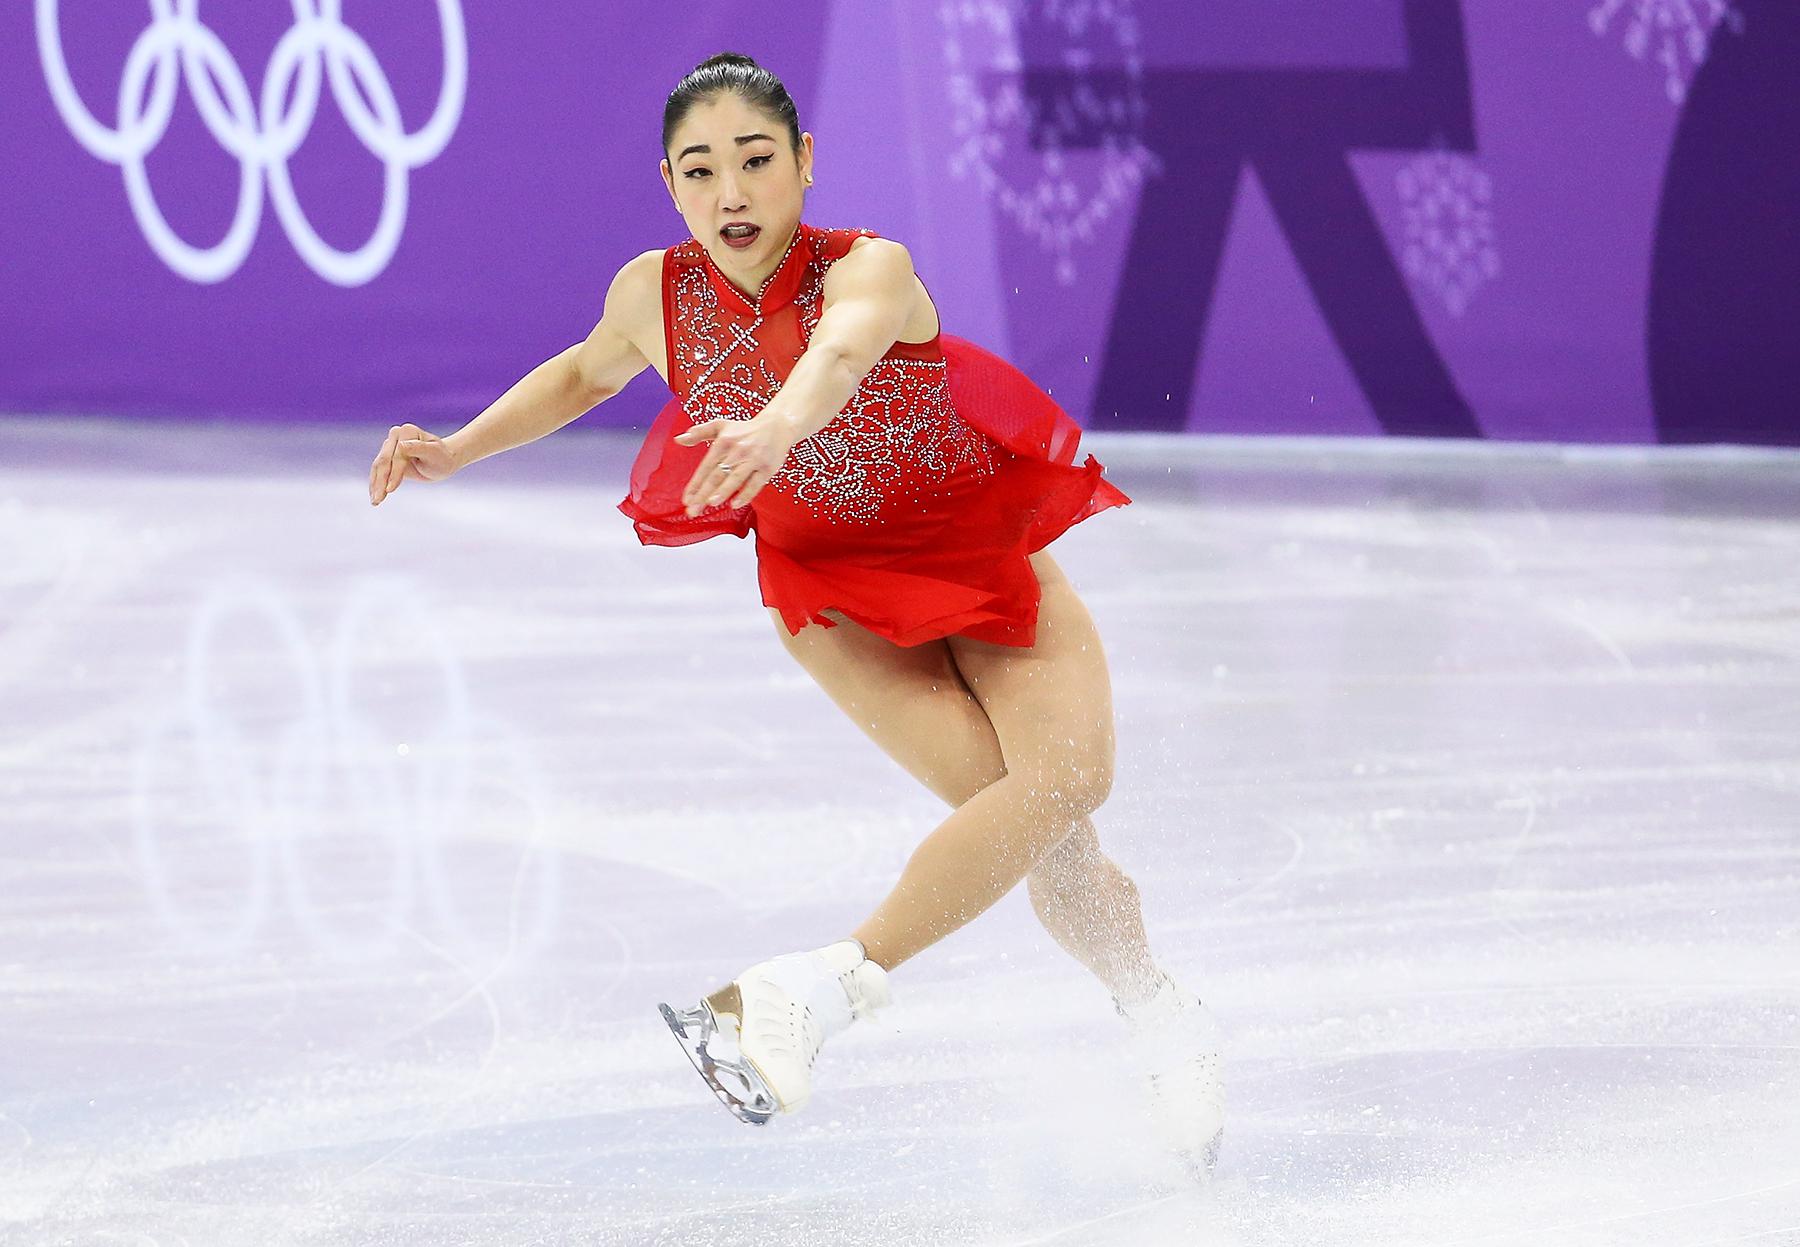 Mirai Nagasu pyeongchang 2018 winter olympics